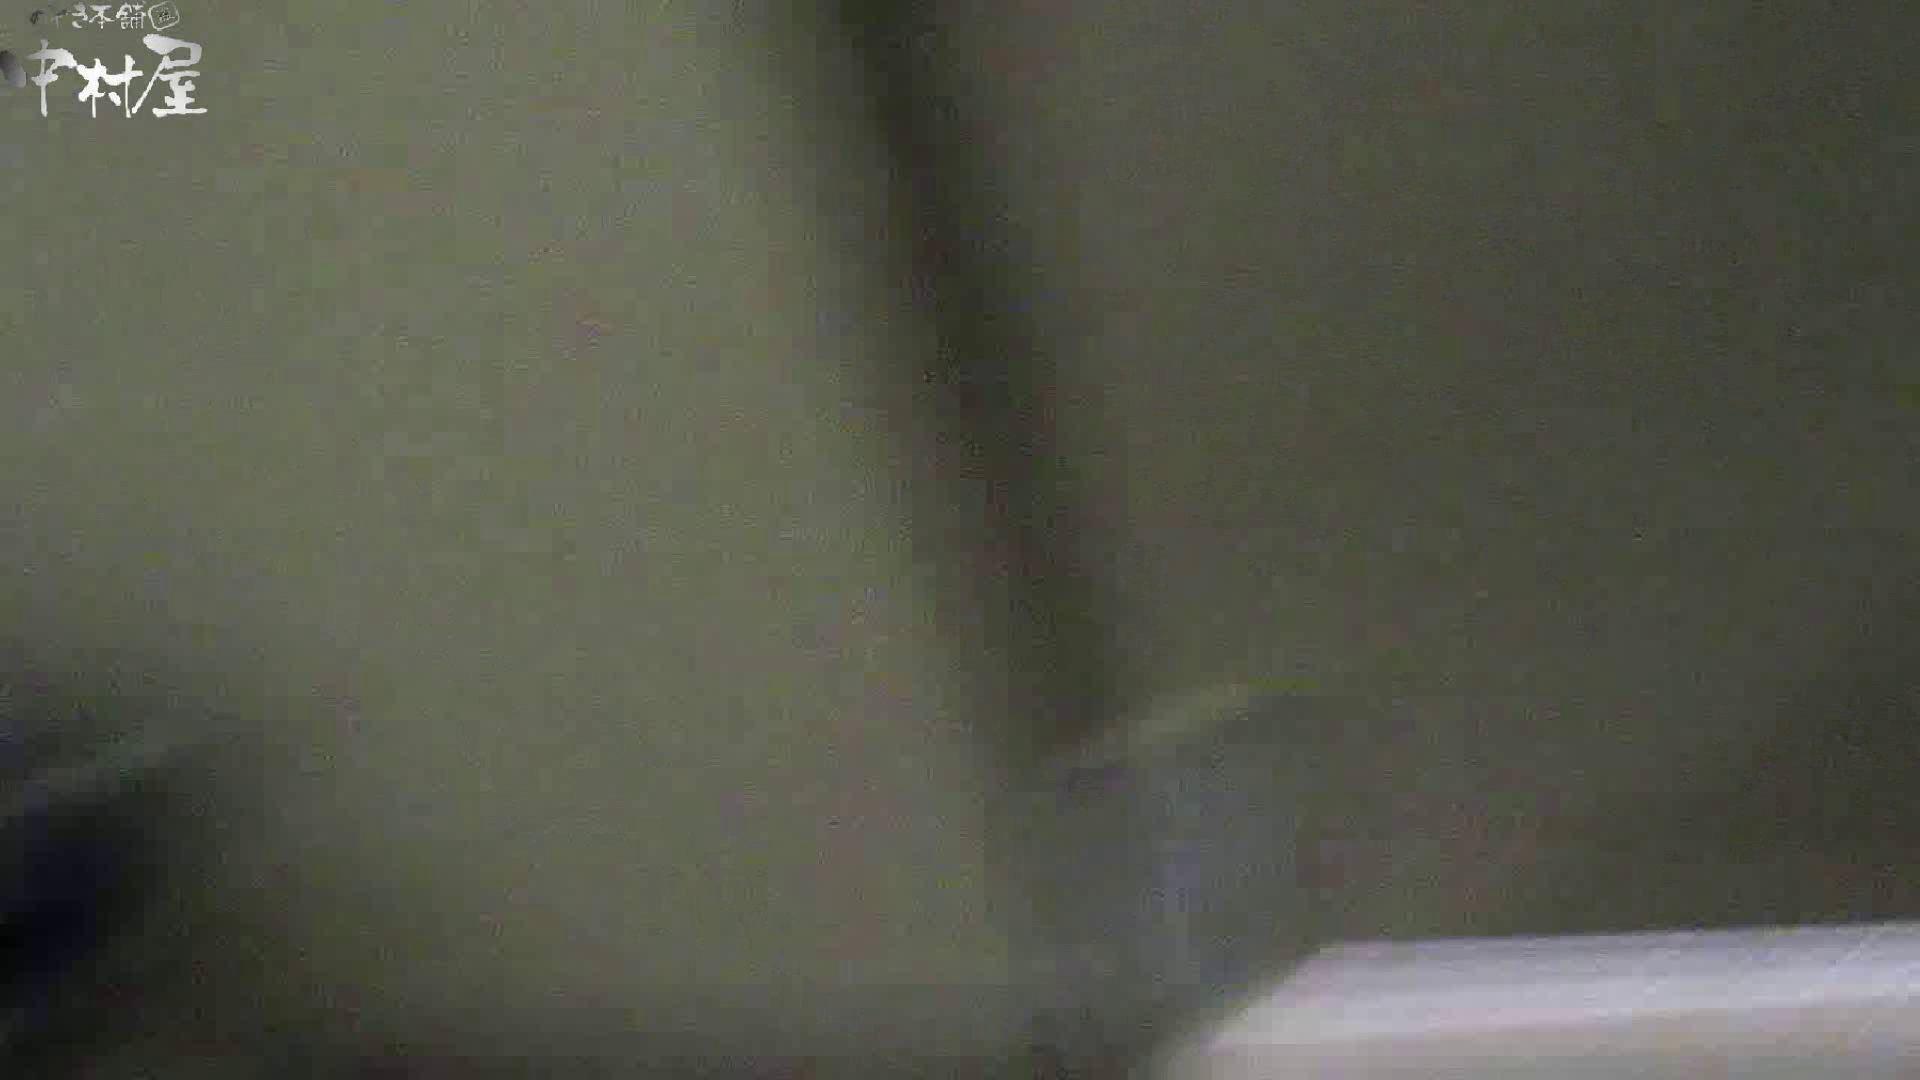 魂のかわや盗撮62連発! 中腰でオマンコパカァ~ 44発目! オマンコもろ | マンコエロすぎ  102PIX 37